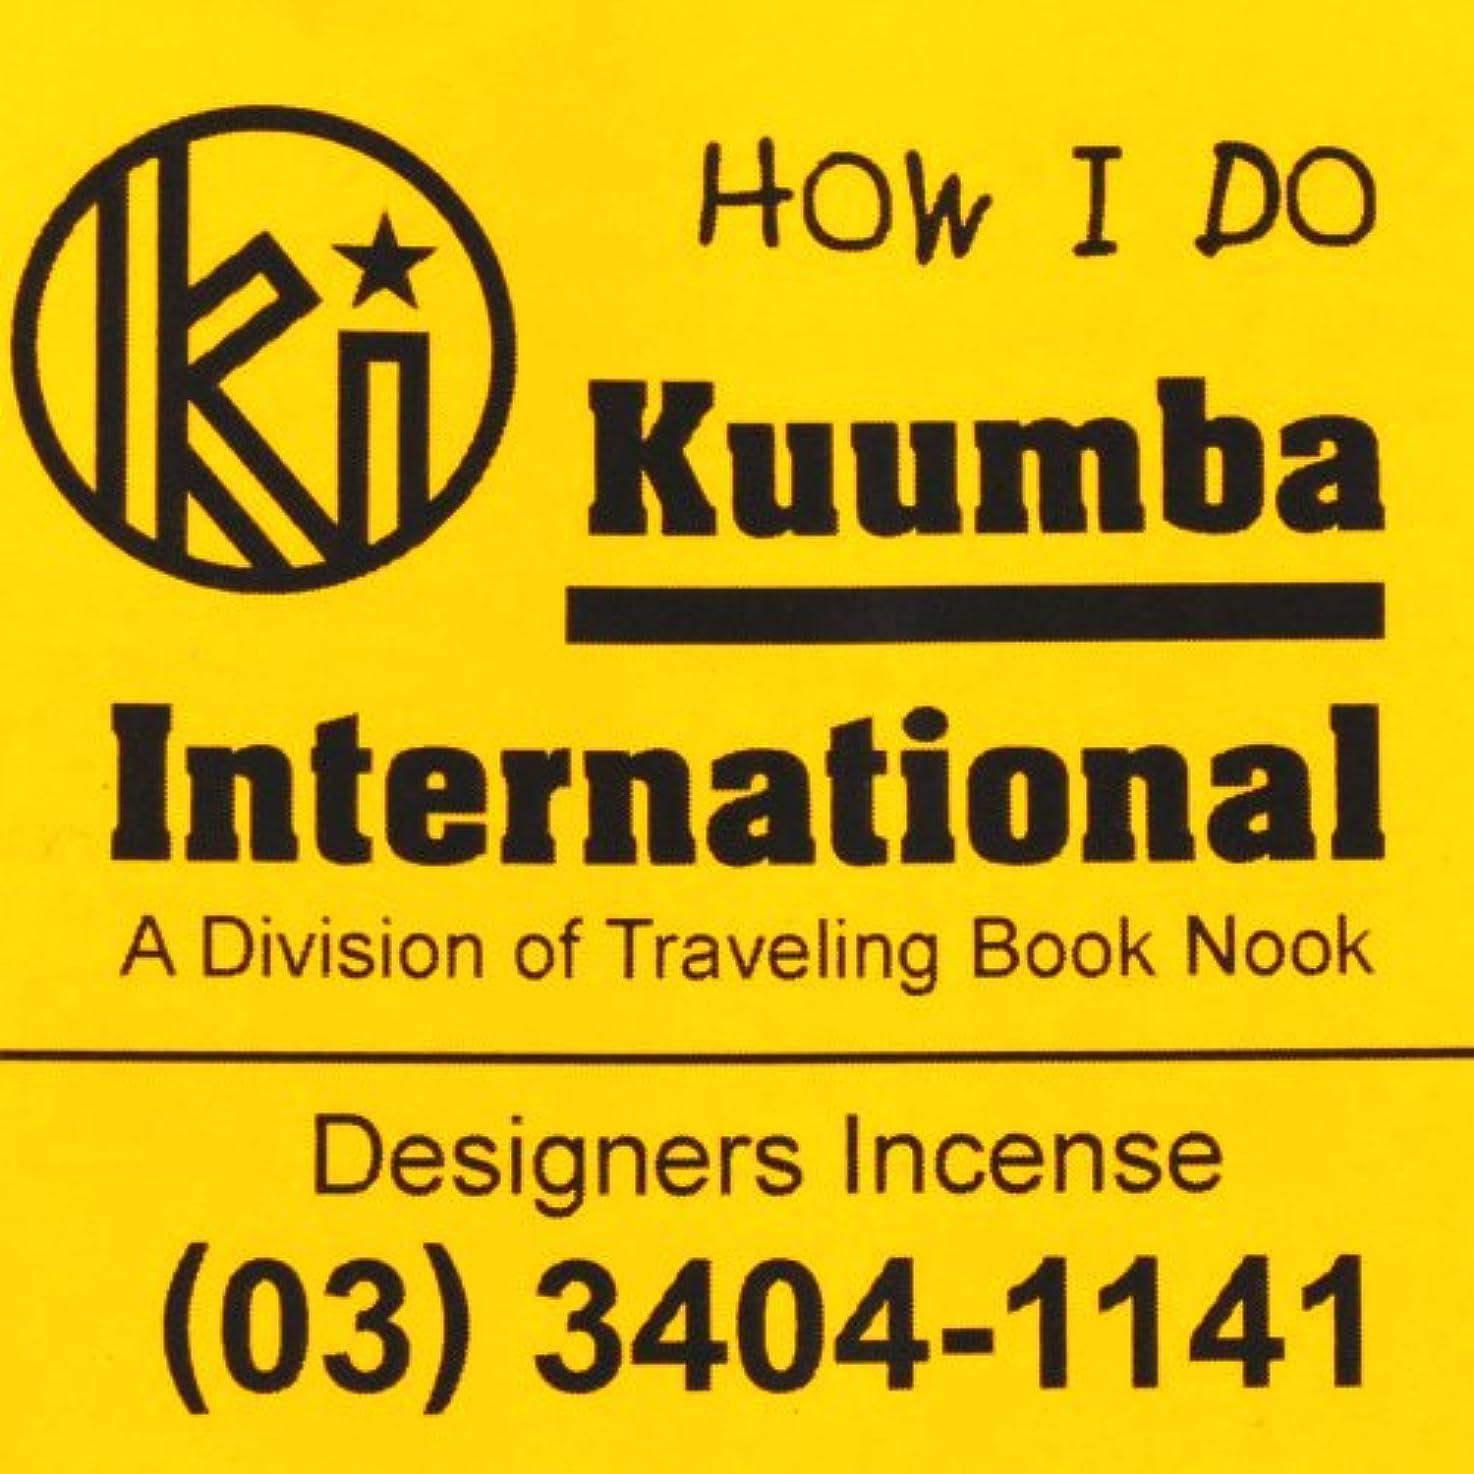 貸すレイ中性(クンバ) KUUMBA『classic regular incense』(HOW I DO) (Regular size)